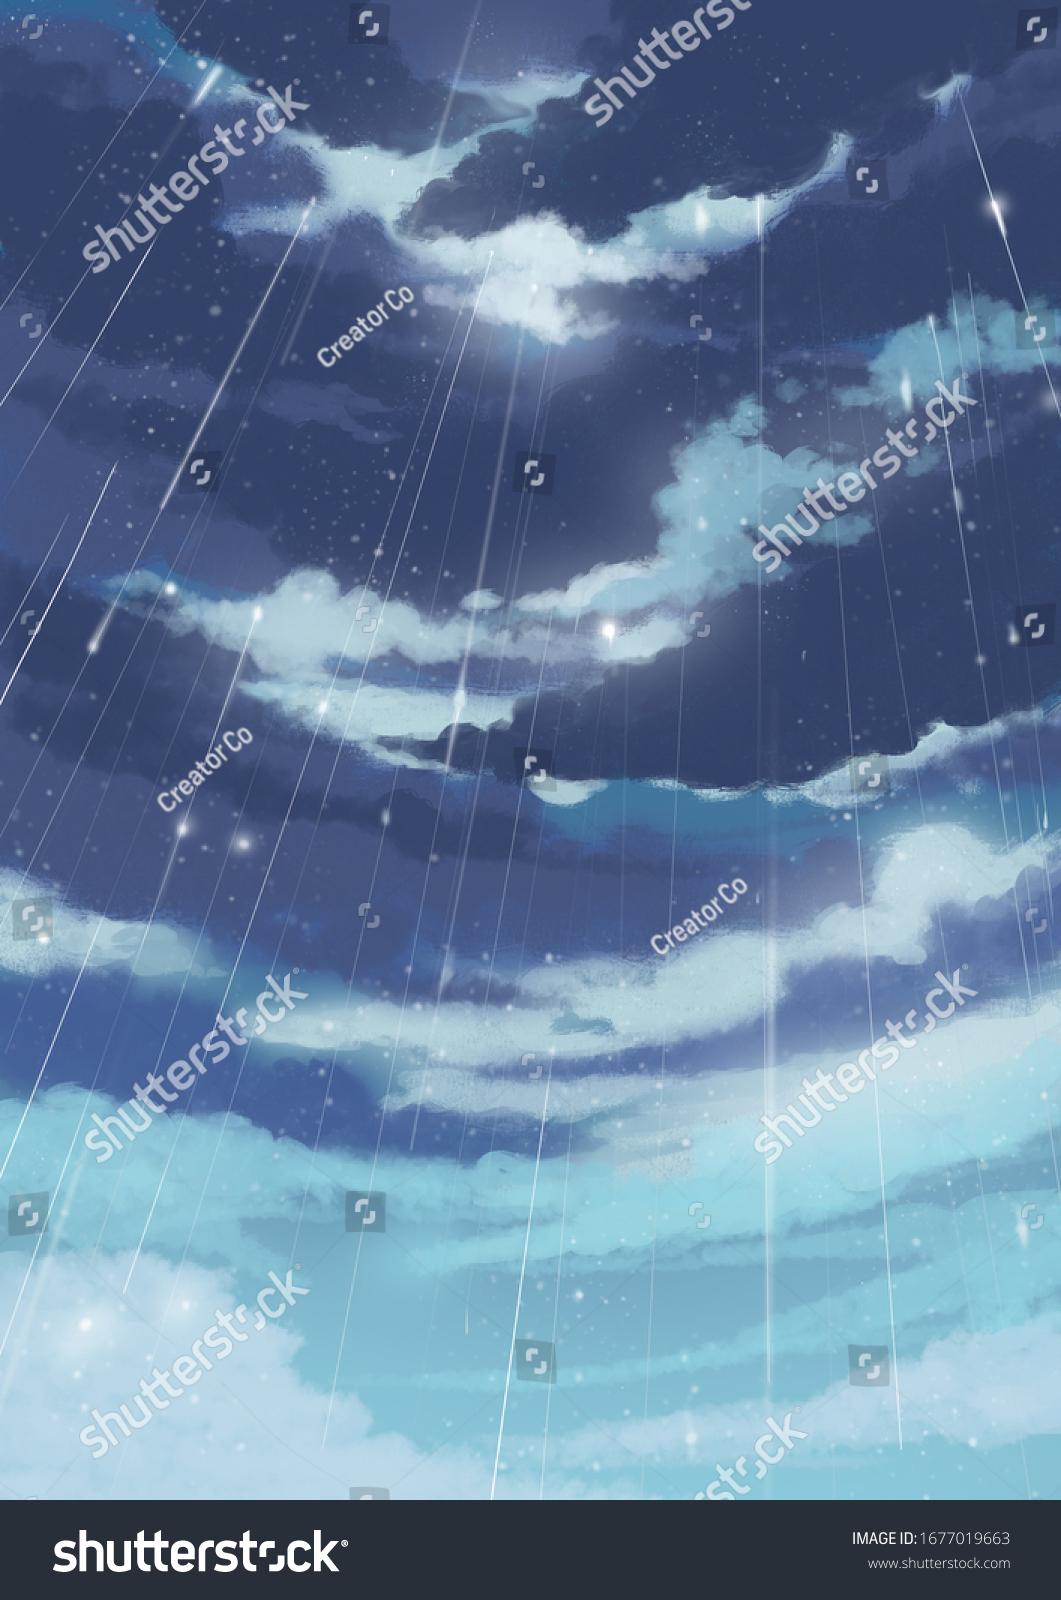 Anime Raining Sky Background Your Animeanimation Stock Illustration 1677019663